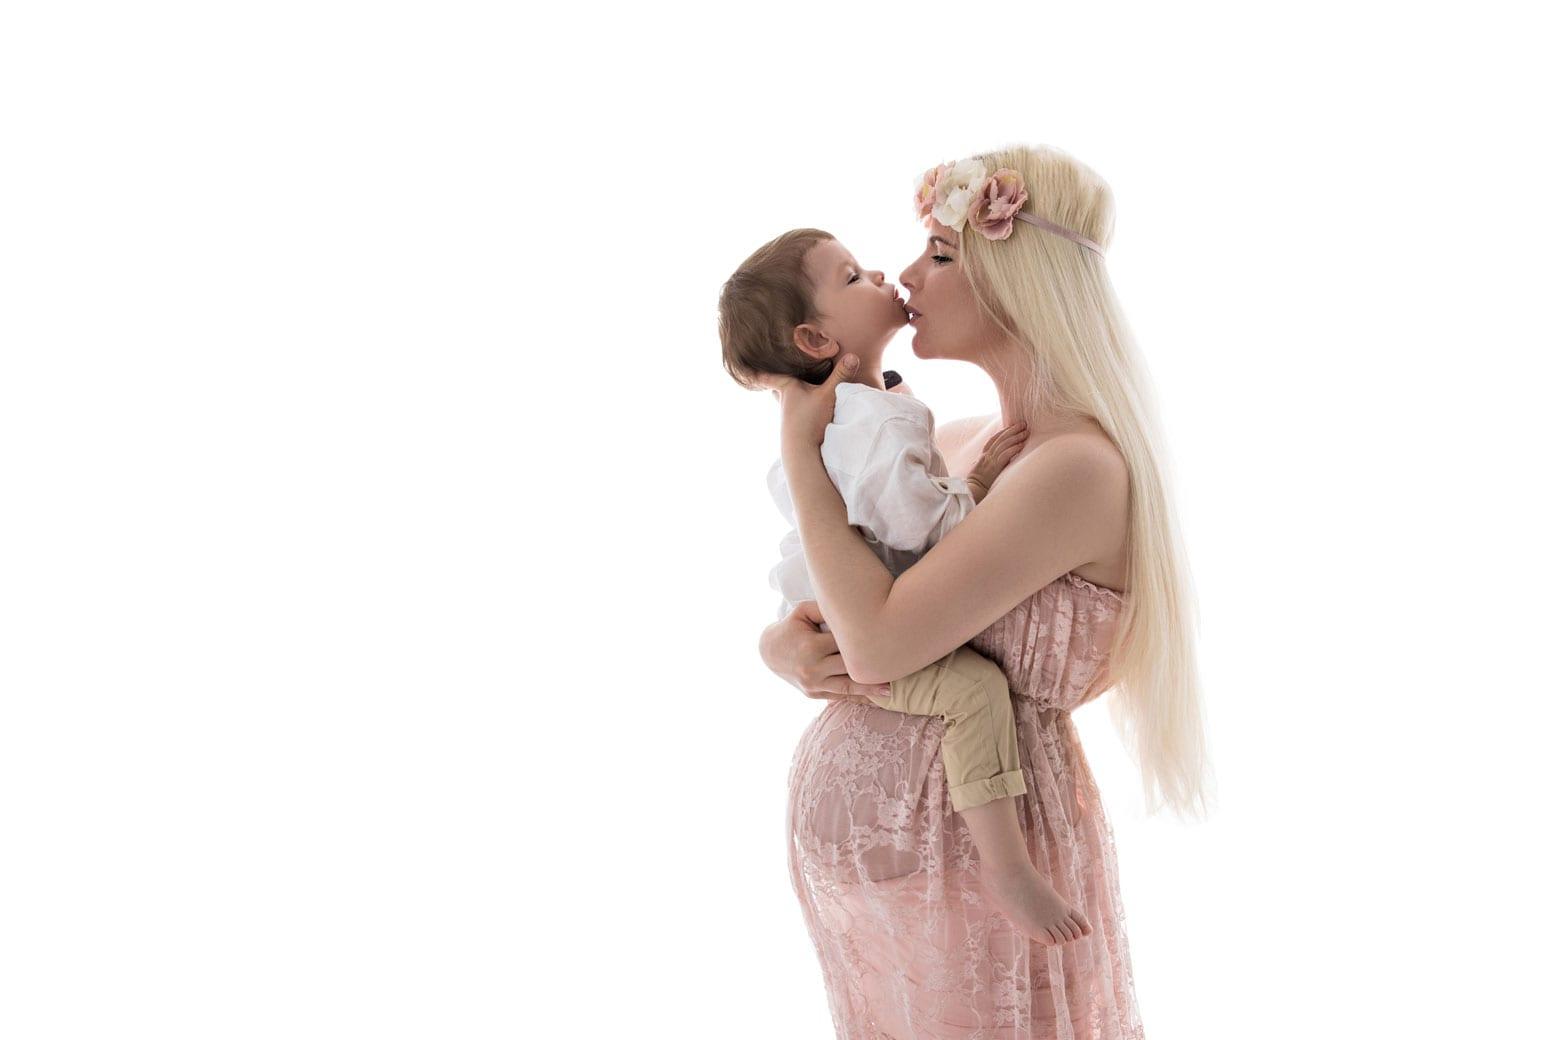 Schwangere und Kind posieren fuer Schwangerschaftsfotografie Muenchen fuer Fotografin Carmen Bergmann in Muenchen